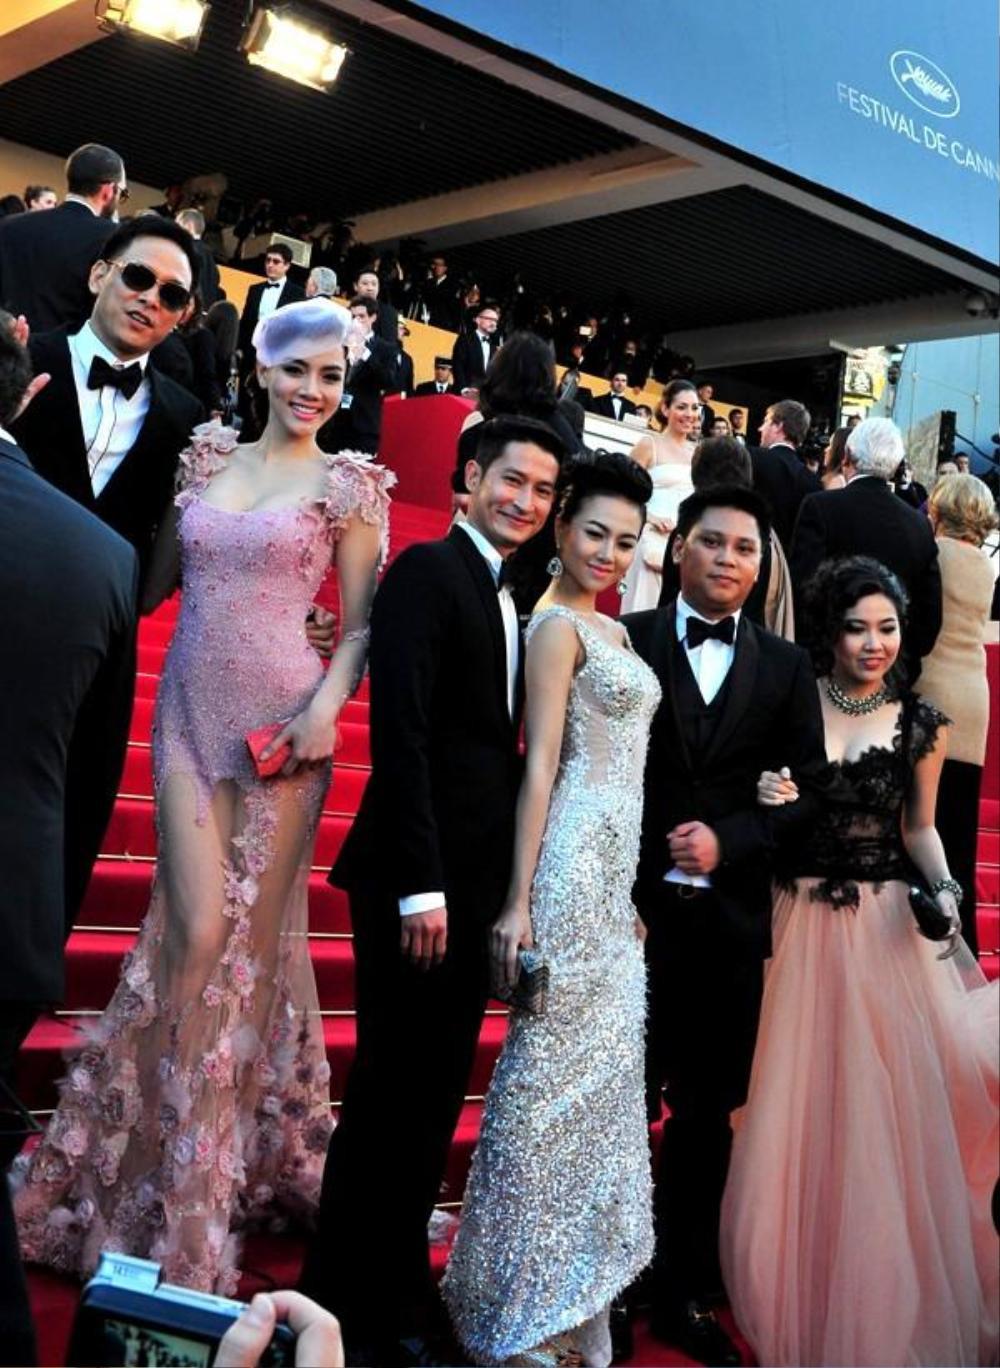 Sao Việt trên thảm đỏ Cannes